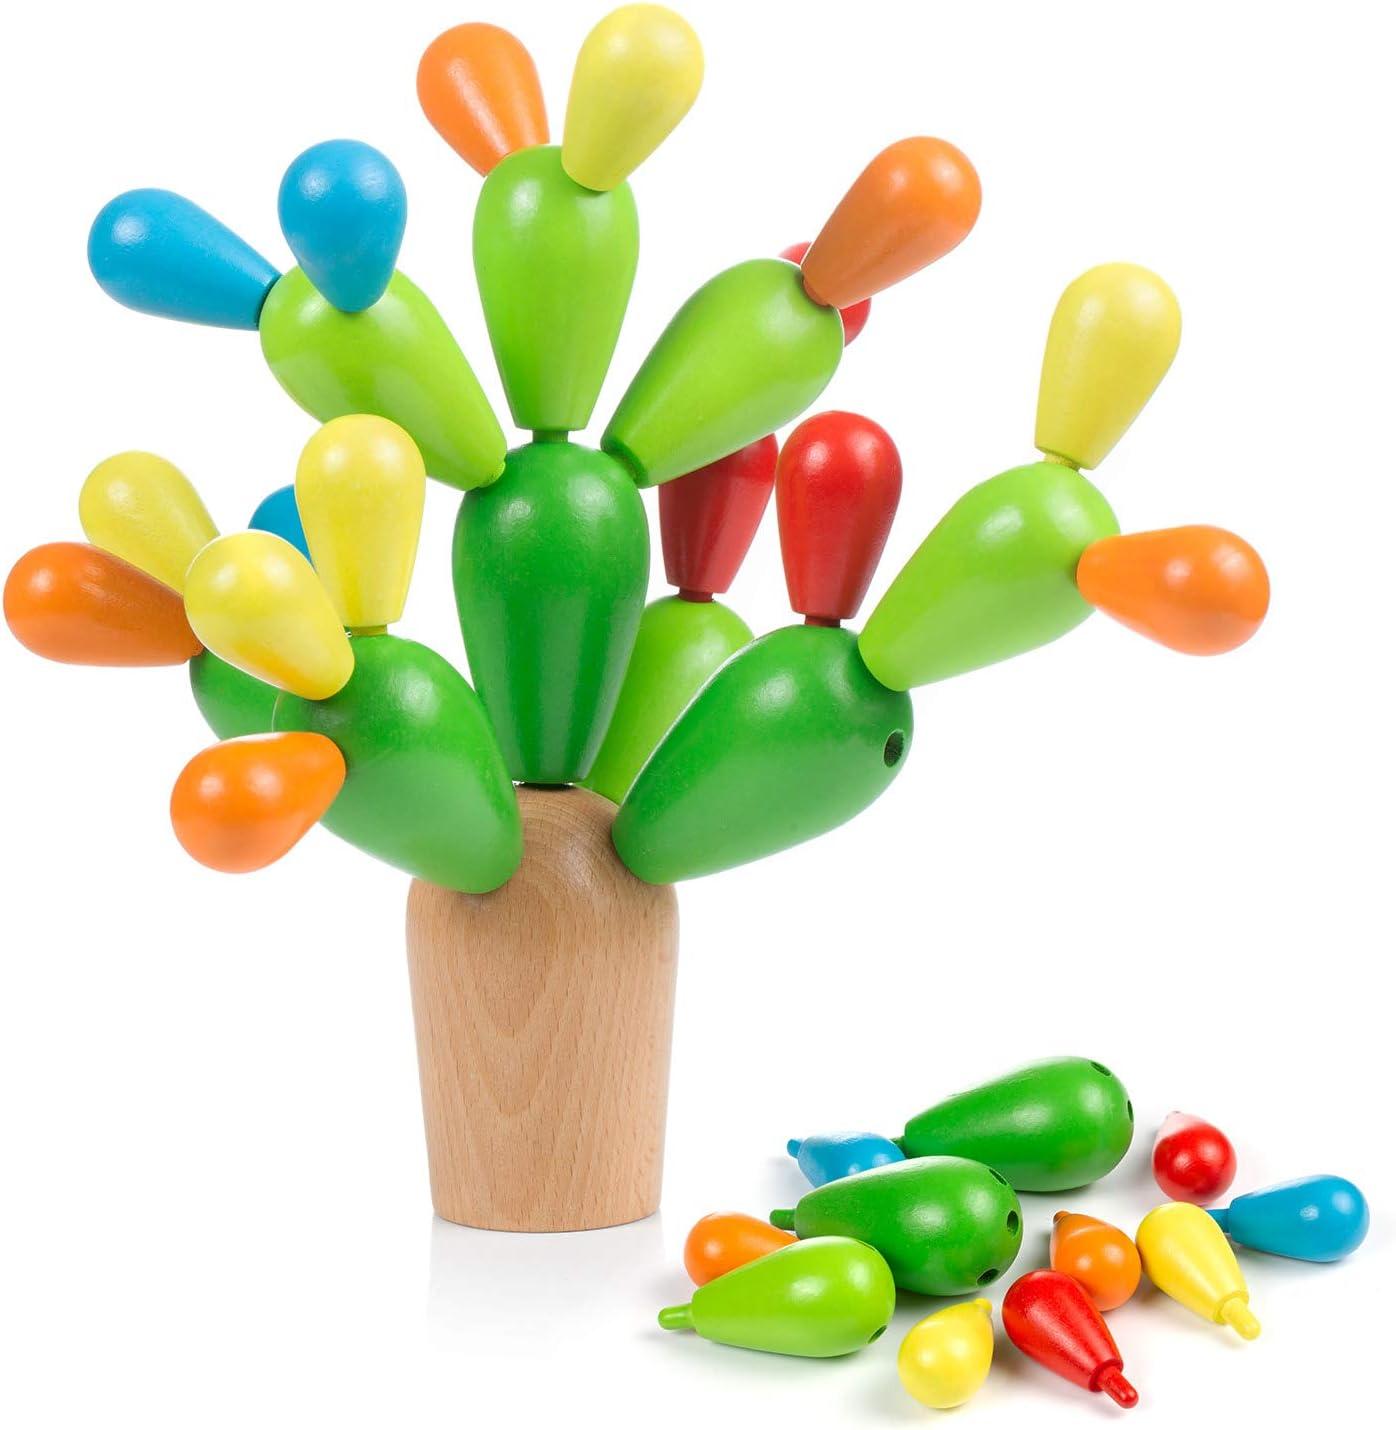 Comius Sharp Juguete de Montaje Cactus Juguete Cactus de Madera Niños Equilibrando Bloques de Construcción de Cactus, Juguete Montessori Madera Juego Creativo DIY Toys